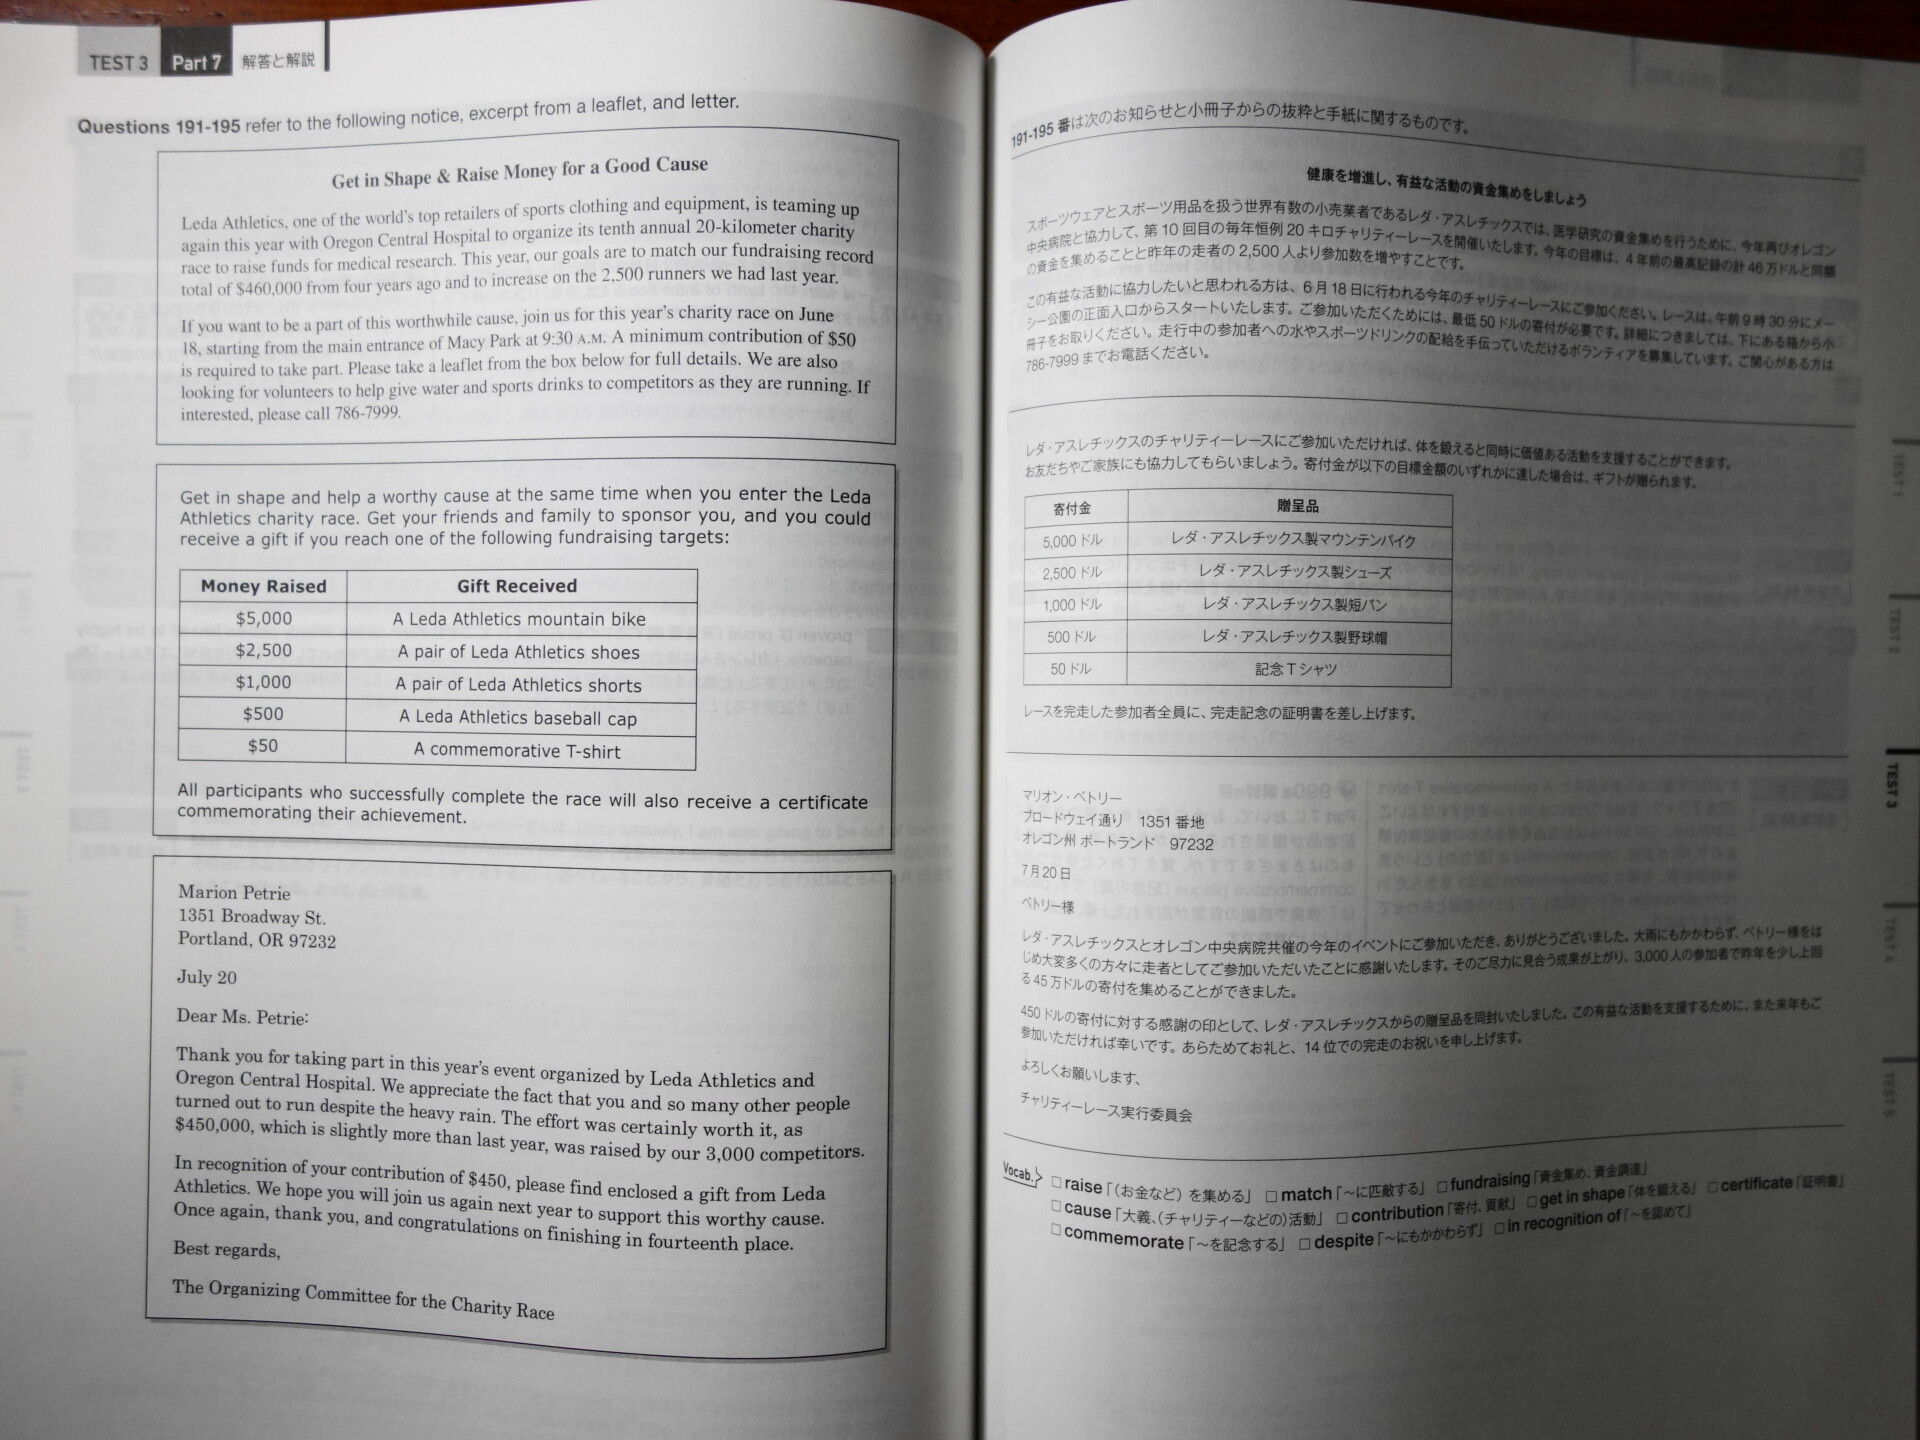 パート7の本文と全訳